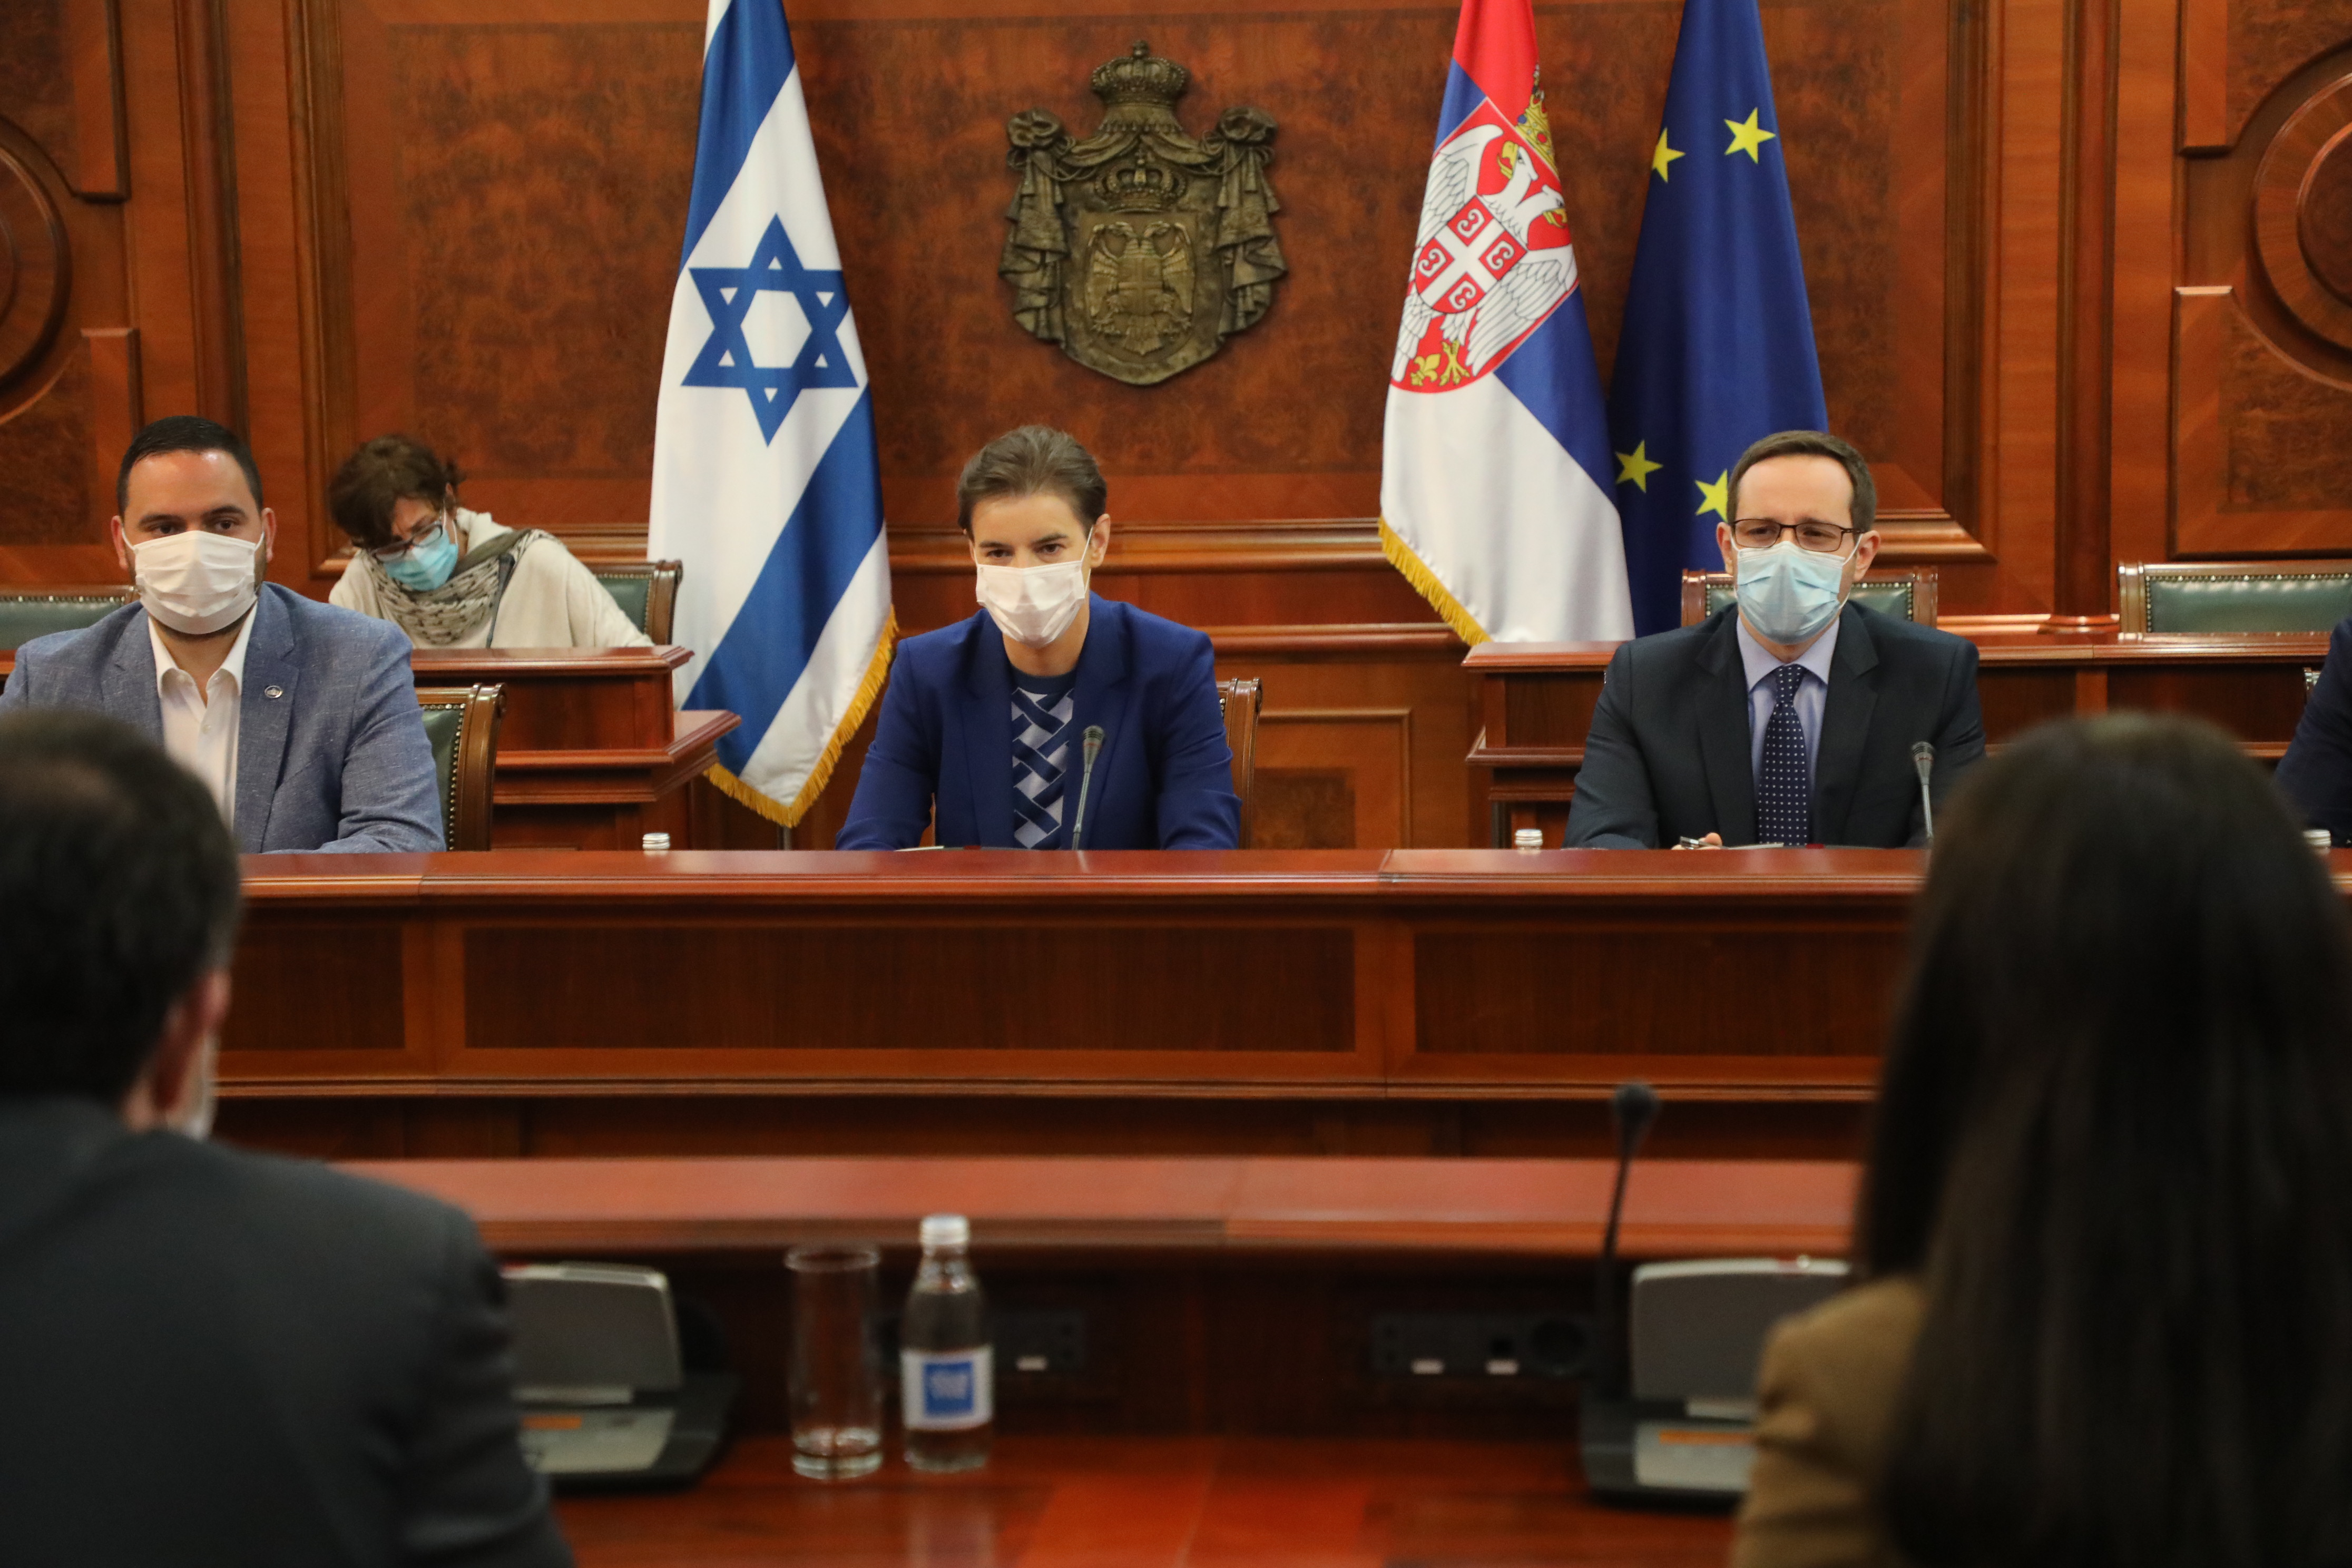 Setkání Izraelské vylvyslankyně Yahel Vilan s ministerskou předsedkyní Srbska Anou Brnabic